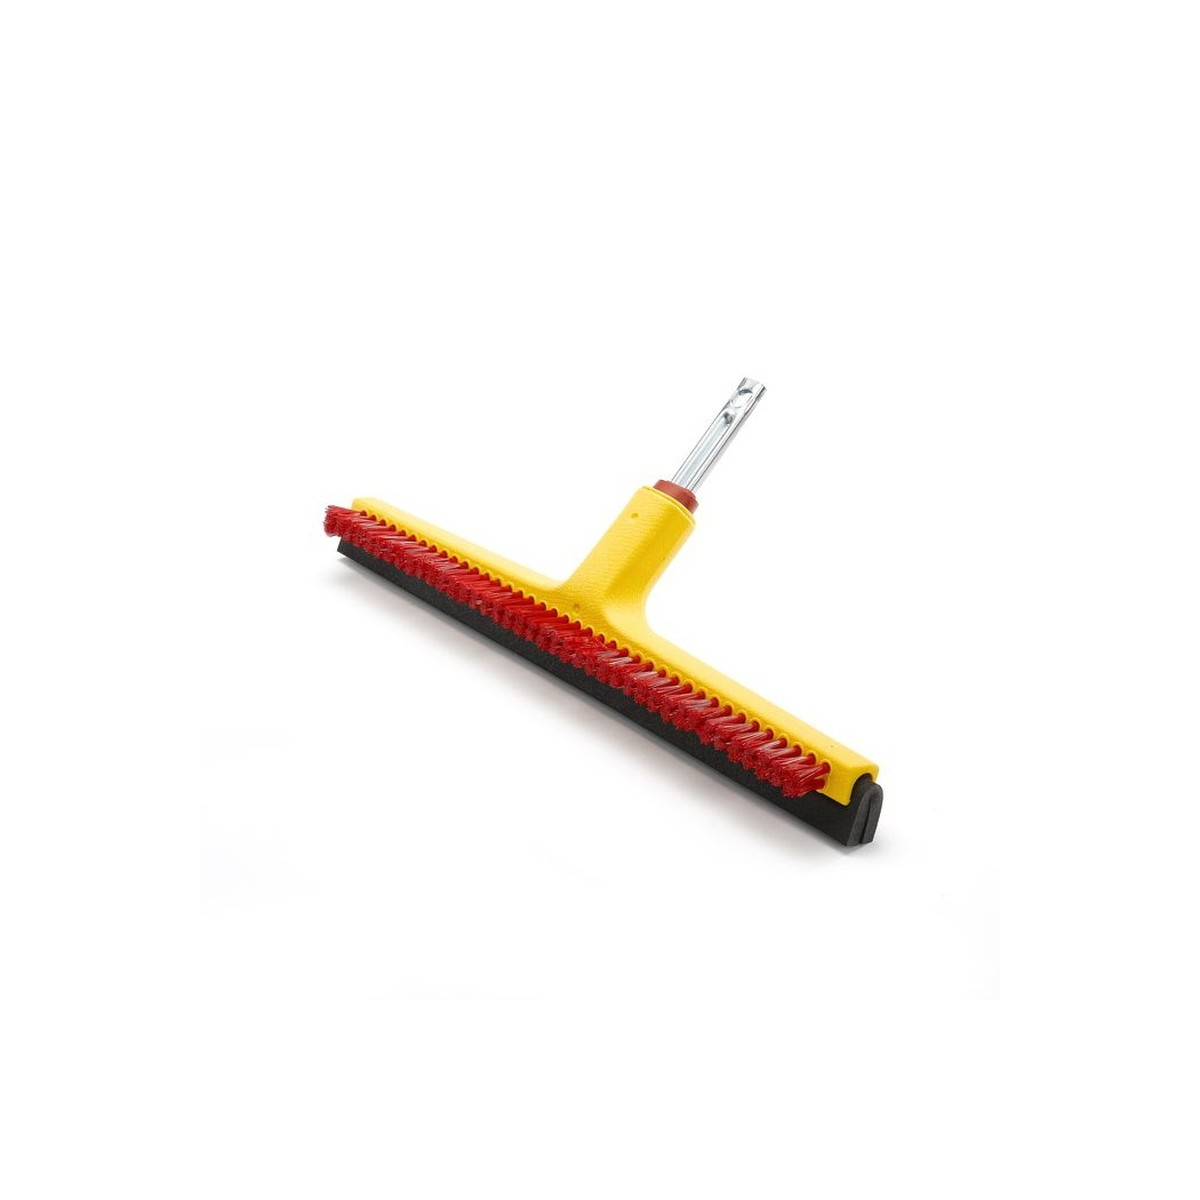 Outils cepillo rasqueta ubm45 43 cm  (multi-star)